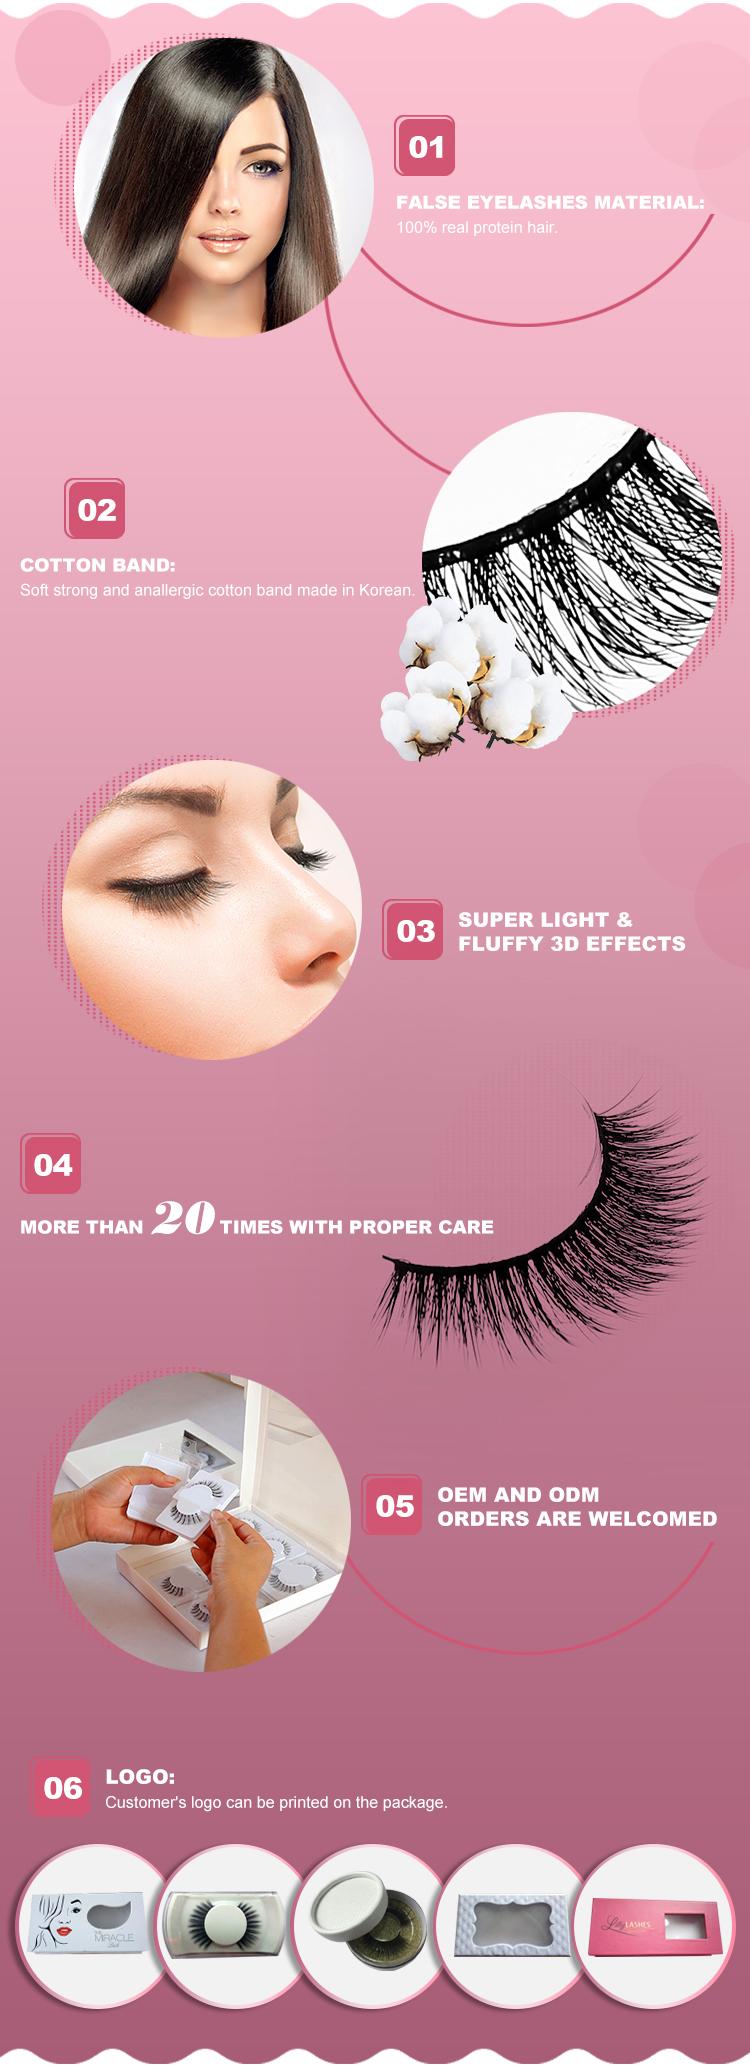 1cb747880b3 Hair straightener hand made 100% human hair strip eyelash false eyelashes